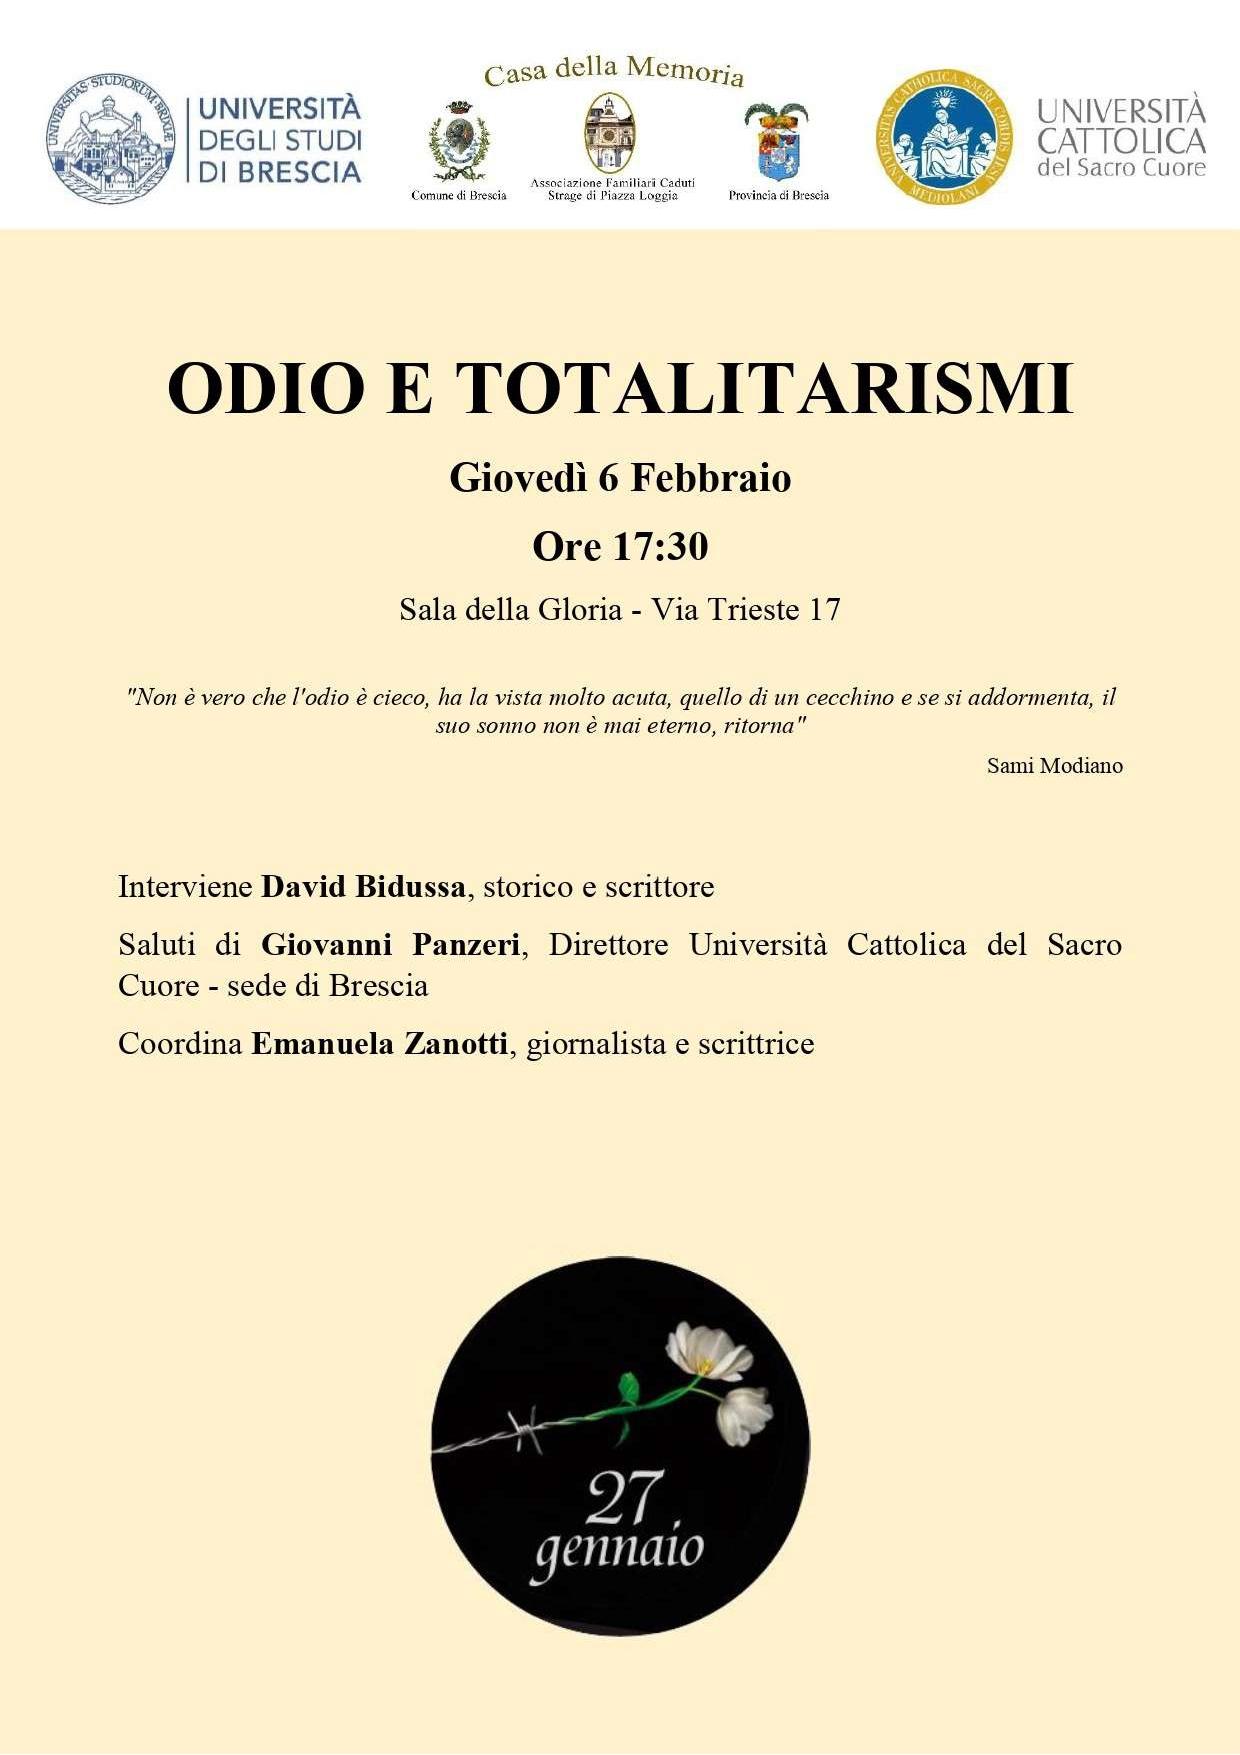 loc. e comunicato Odio e totalitarismi 6.2.20_page-0001